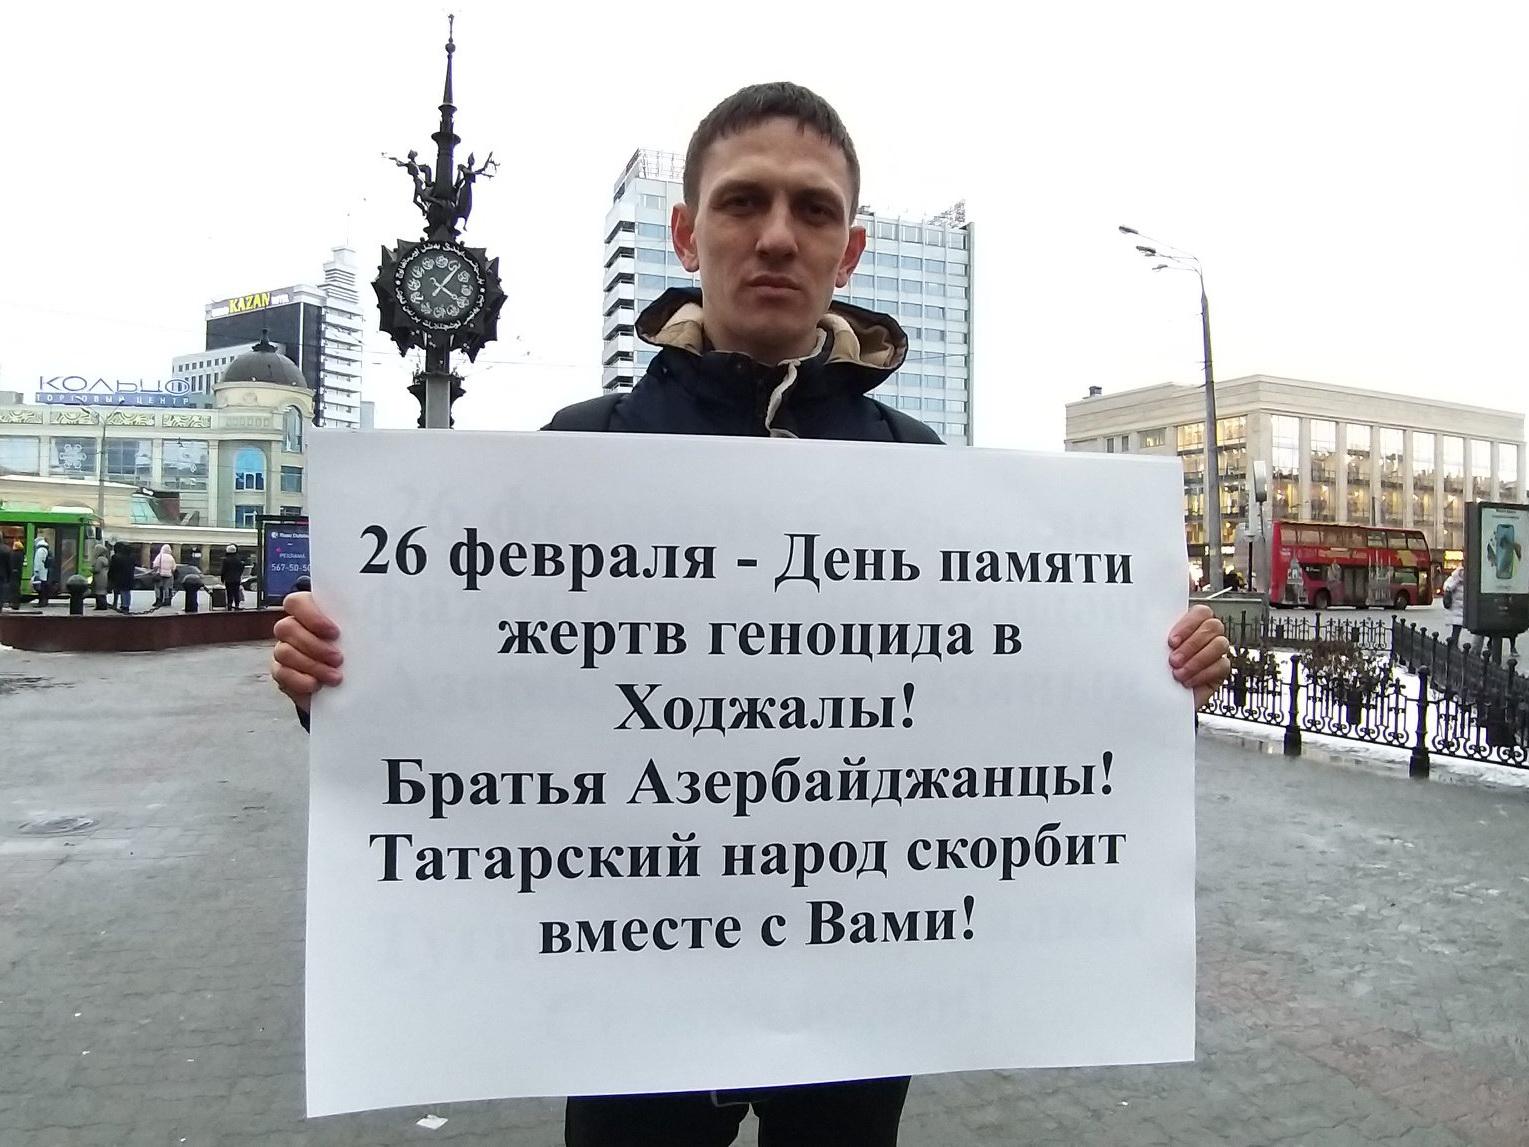 Татарин, проведший пикет в годовщину Ходжалинского геноцида: «Разделенное горе – половина горя» - ФОТО